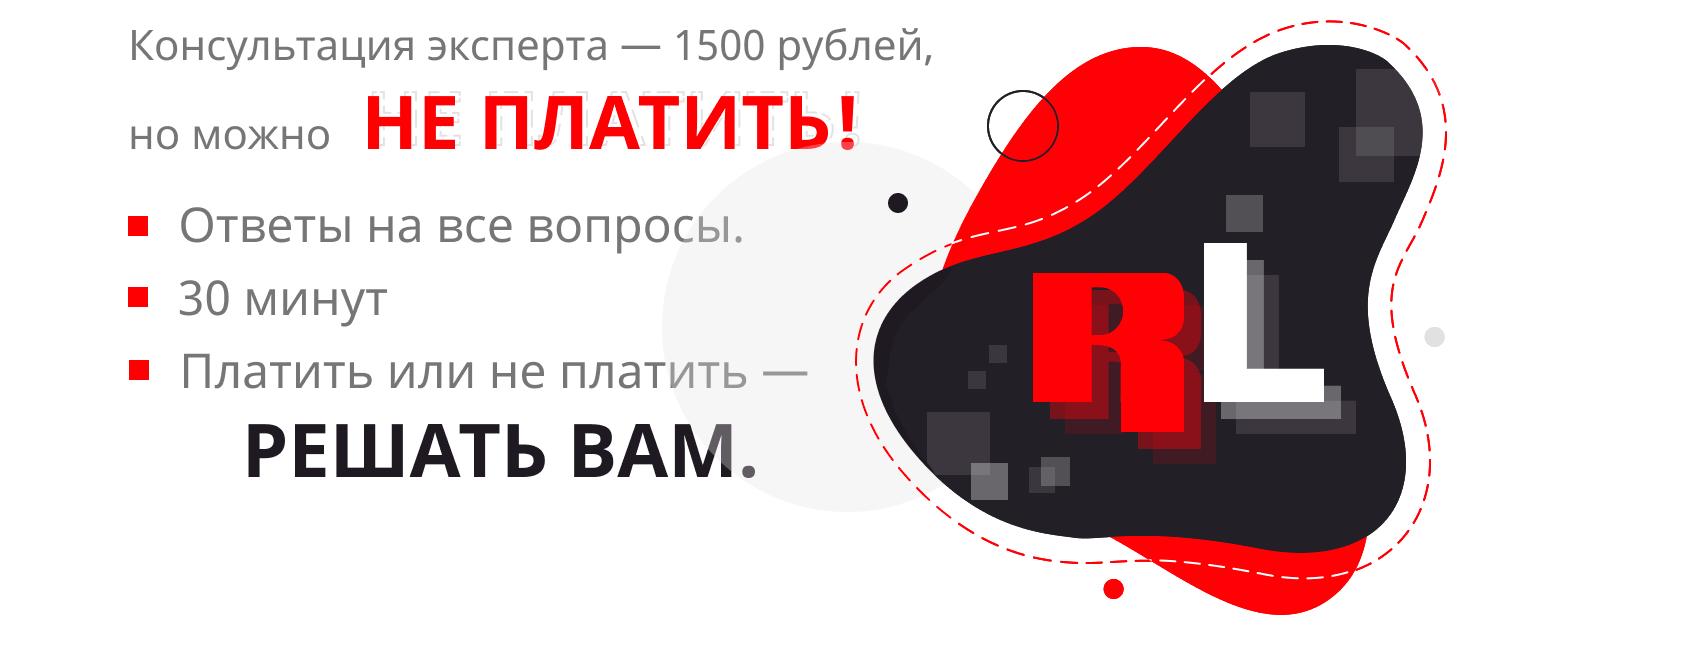 Консультация эксперта — 1500 рублей, но можно  НЕ платить! Ответы на все вопросы. 30 минут. Платить или не платить — РЕШАТЬ ВАМ.